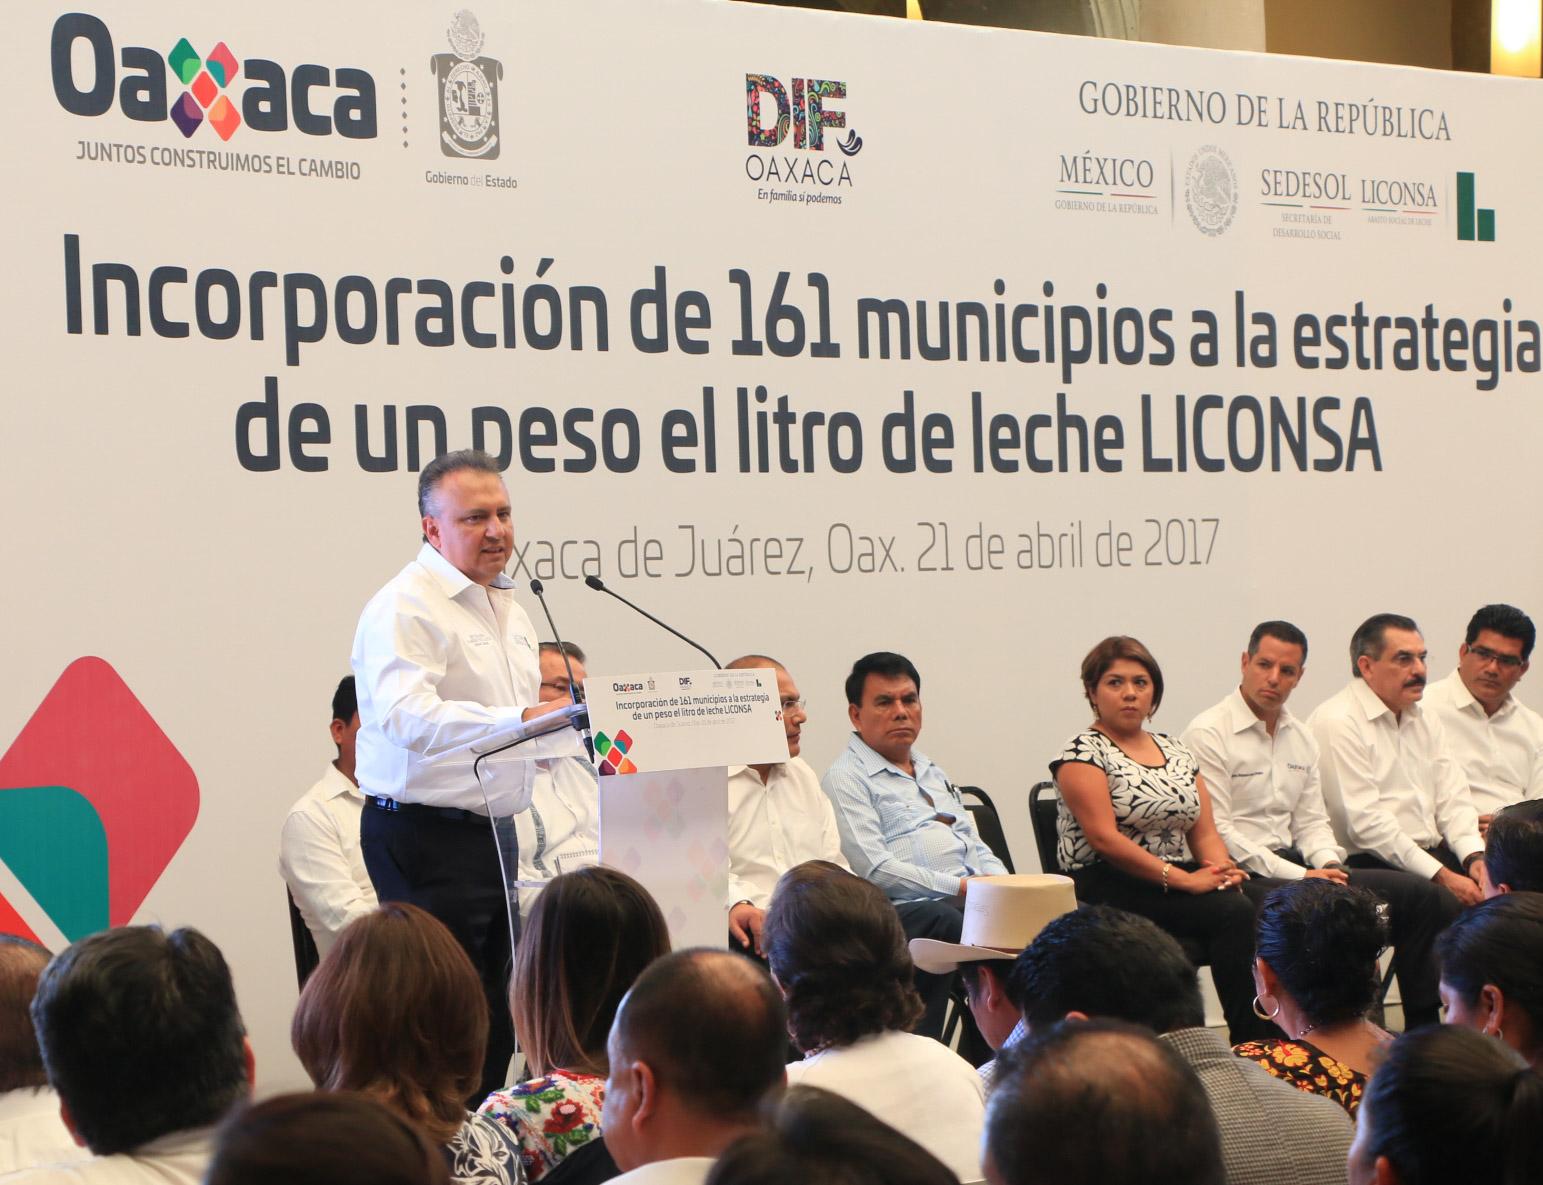 Entrega Murat primer informe de labores a Congreso de Oaxaca